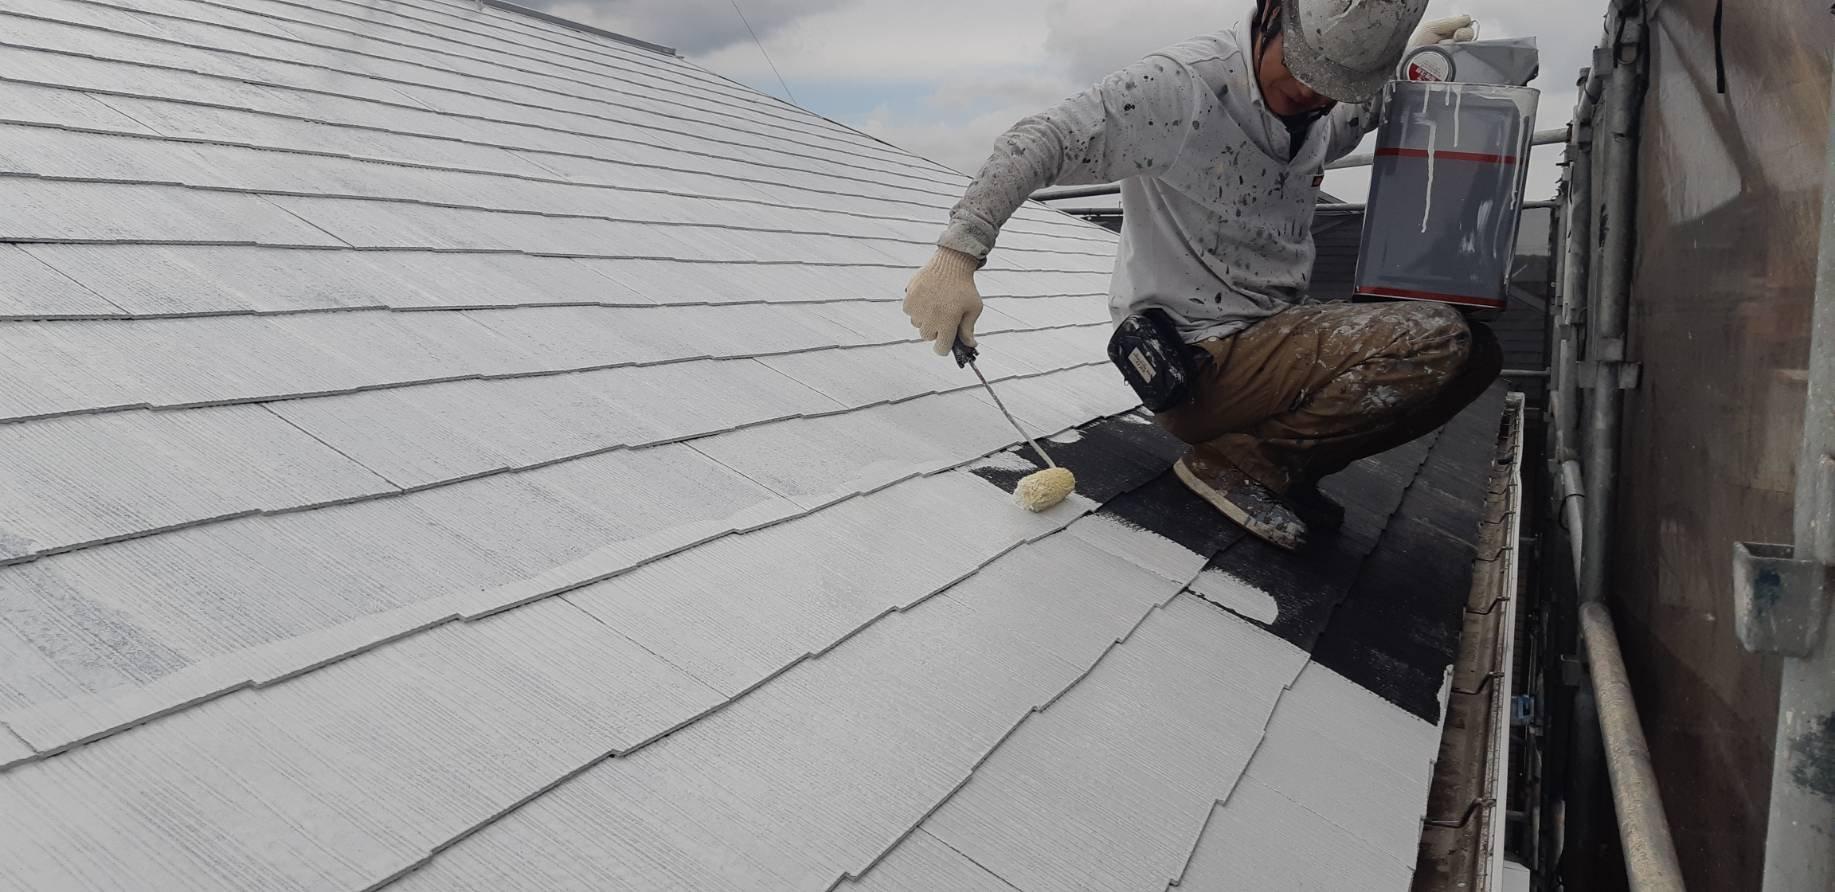 福岡県自由ヶ丘南H様邸施工3日目屋根下塗り外壁下塗り作業